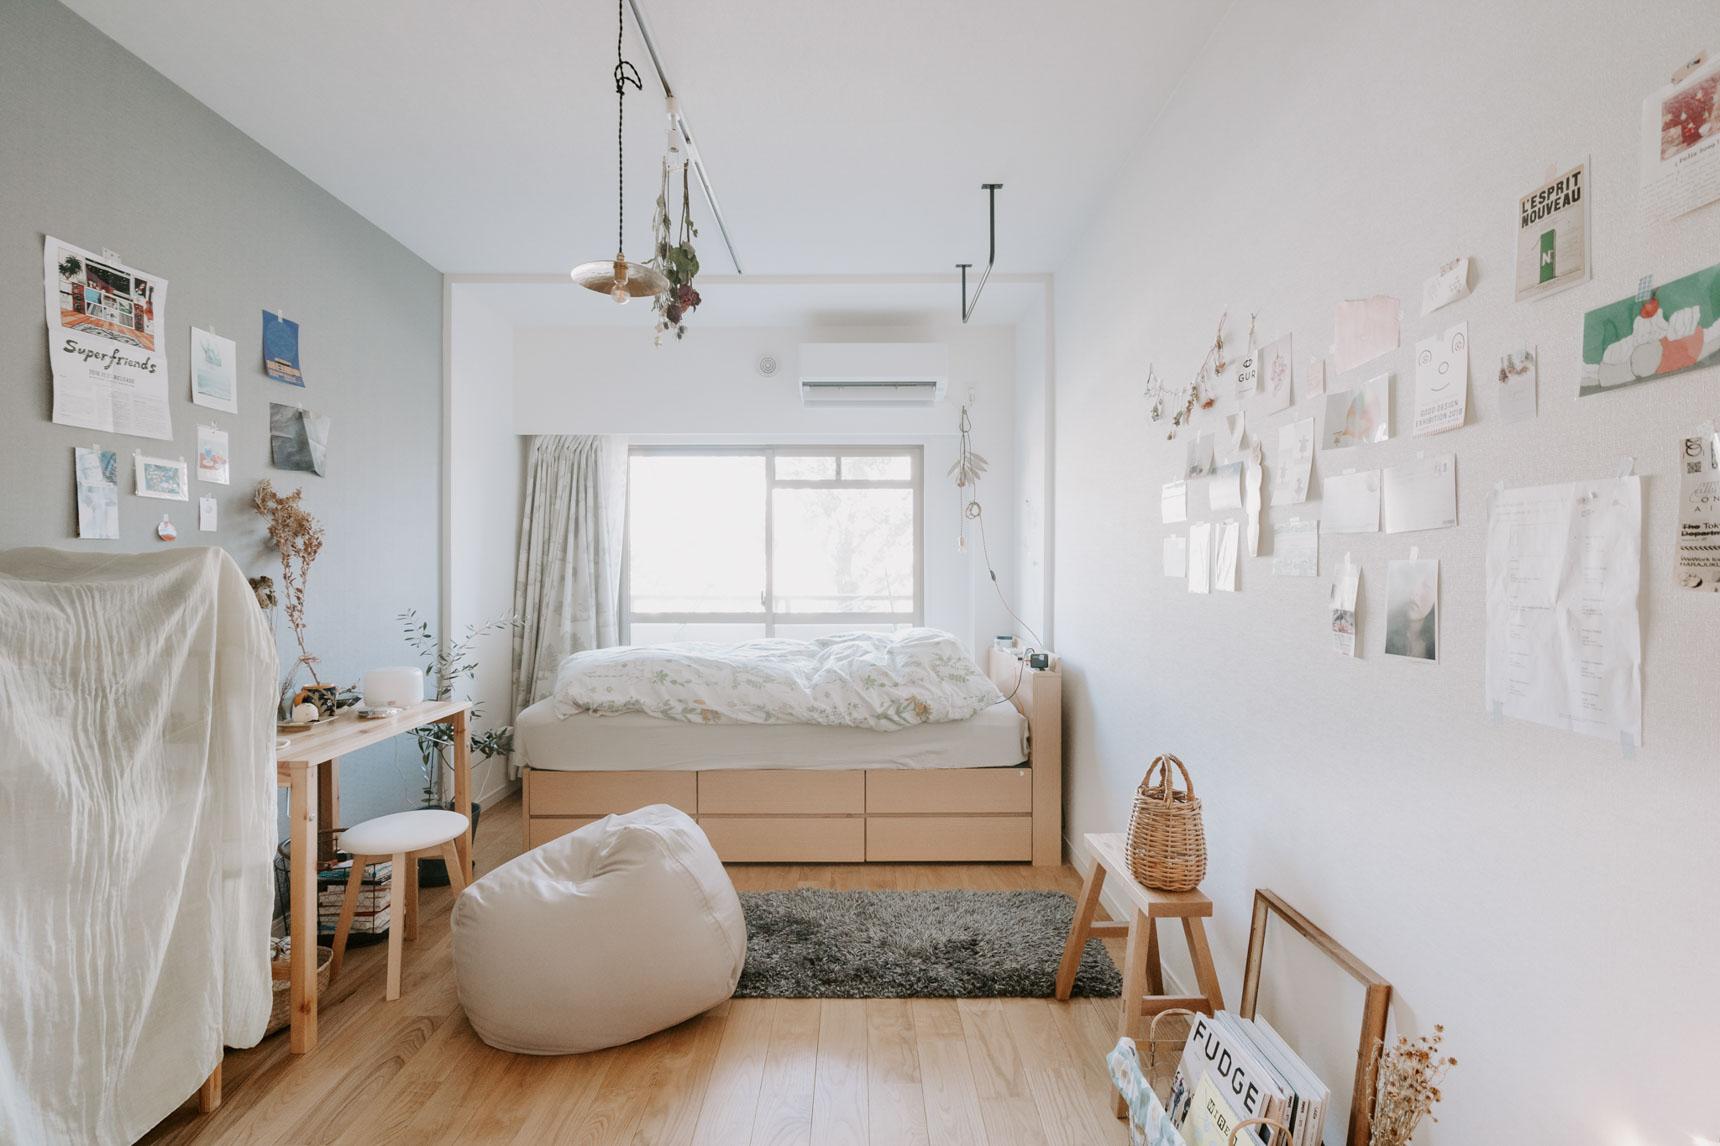 ワンルームのお部屋の中でも、キッチン横のデスクスペースと、ベッドサイドにラグが敷かれているお部屋。